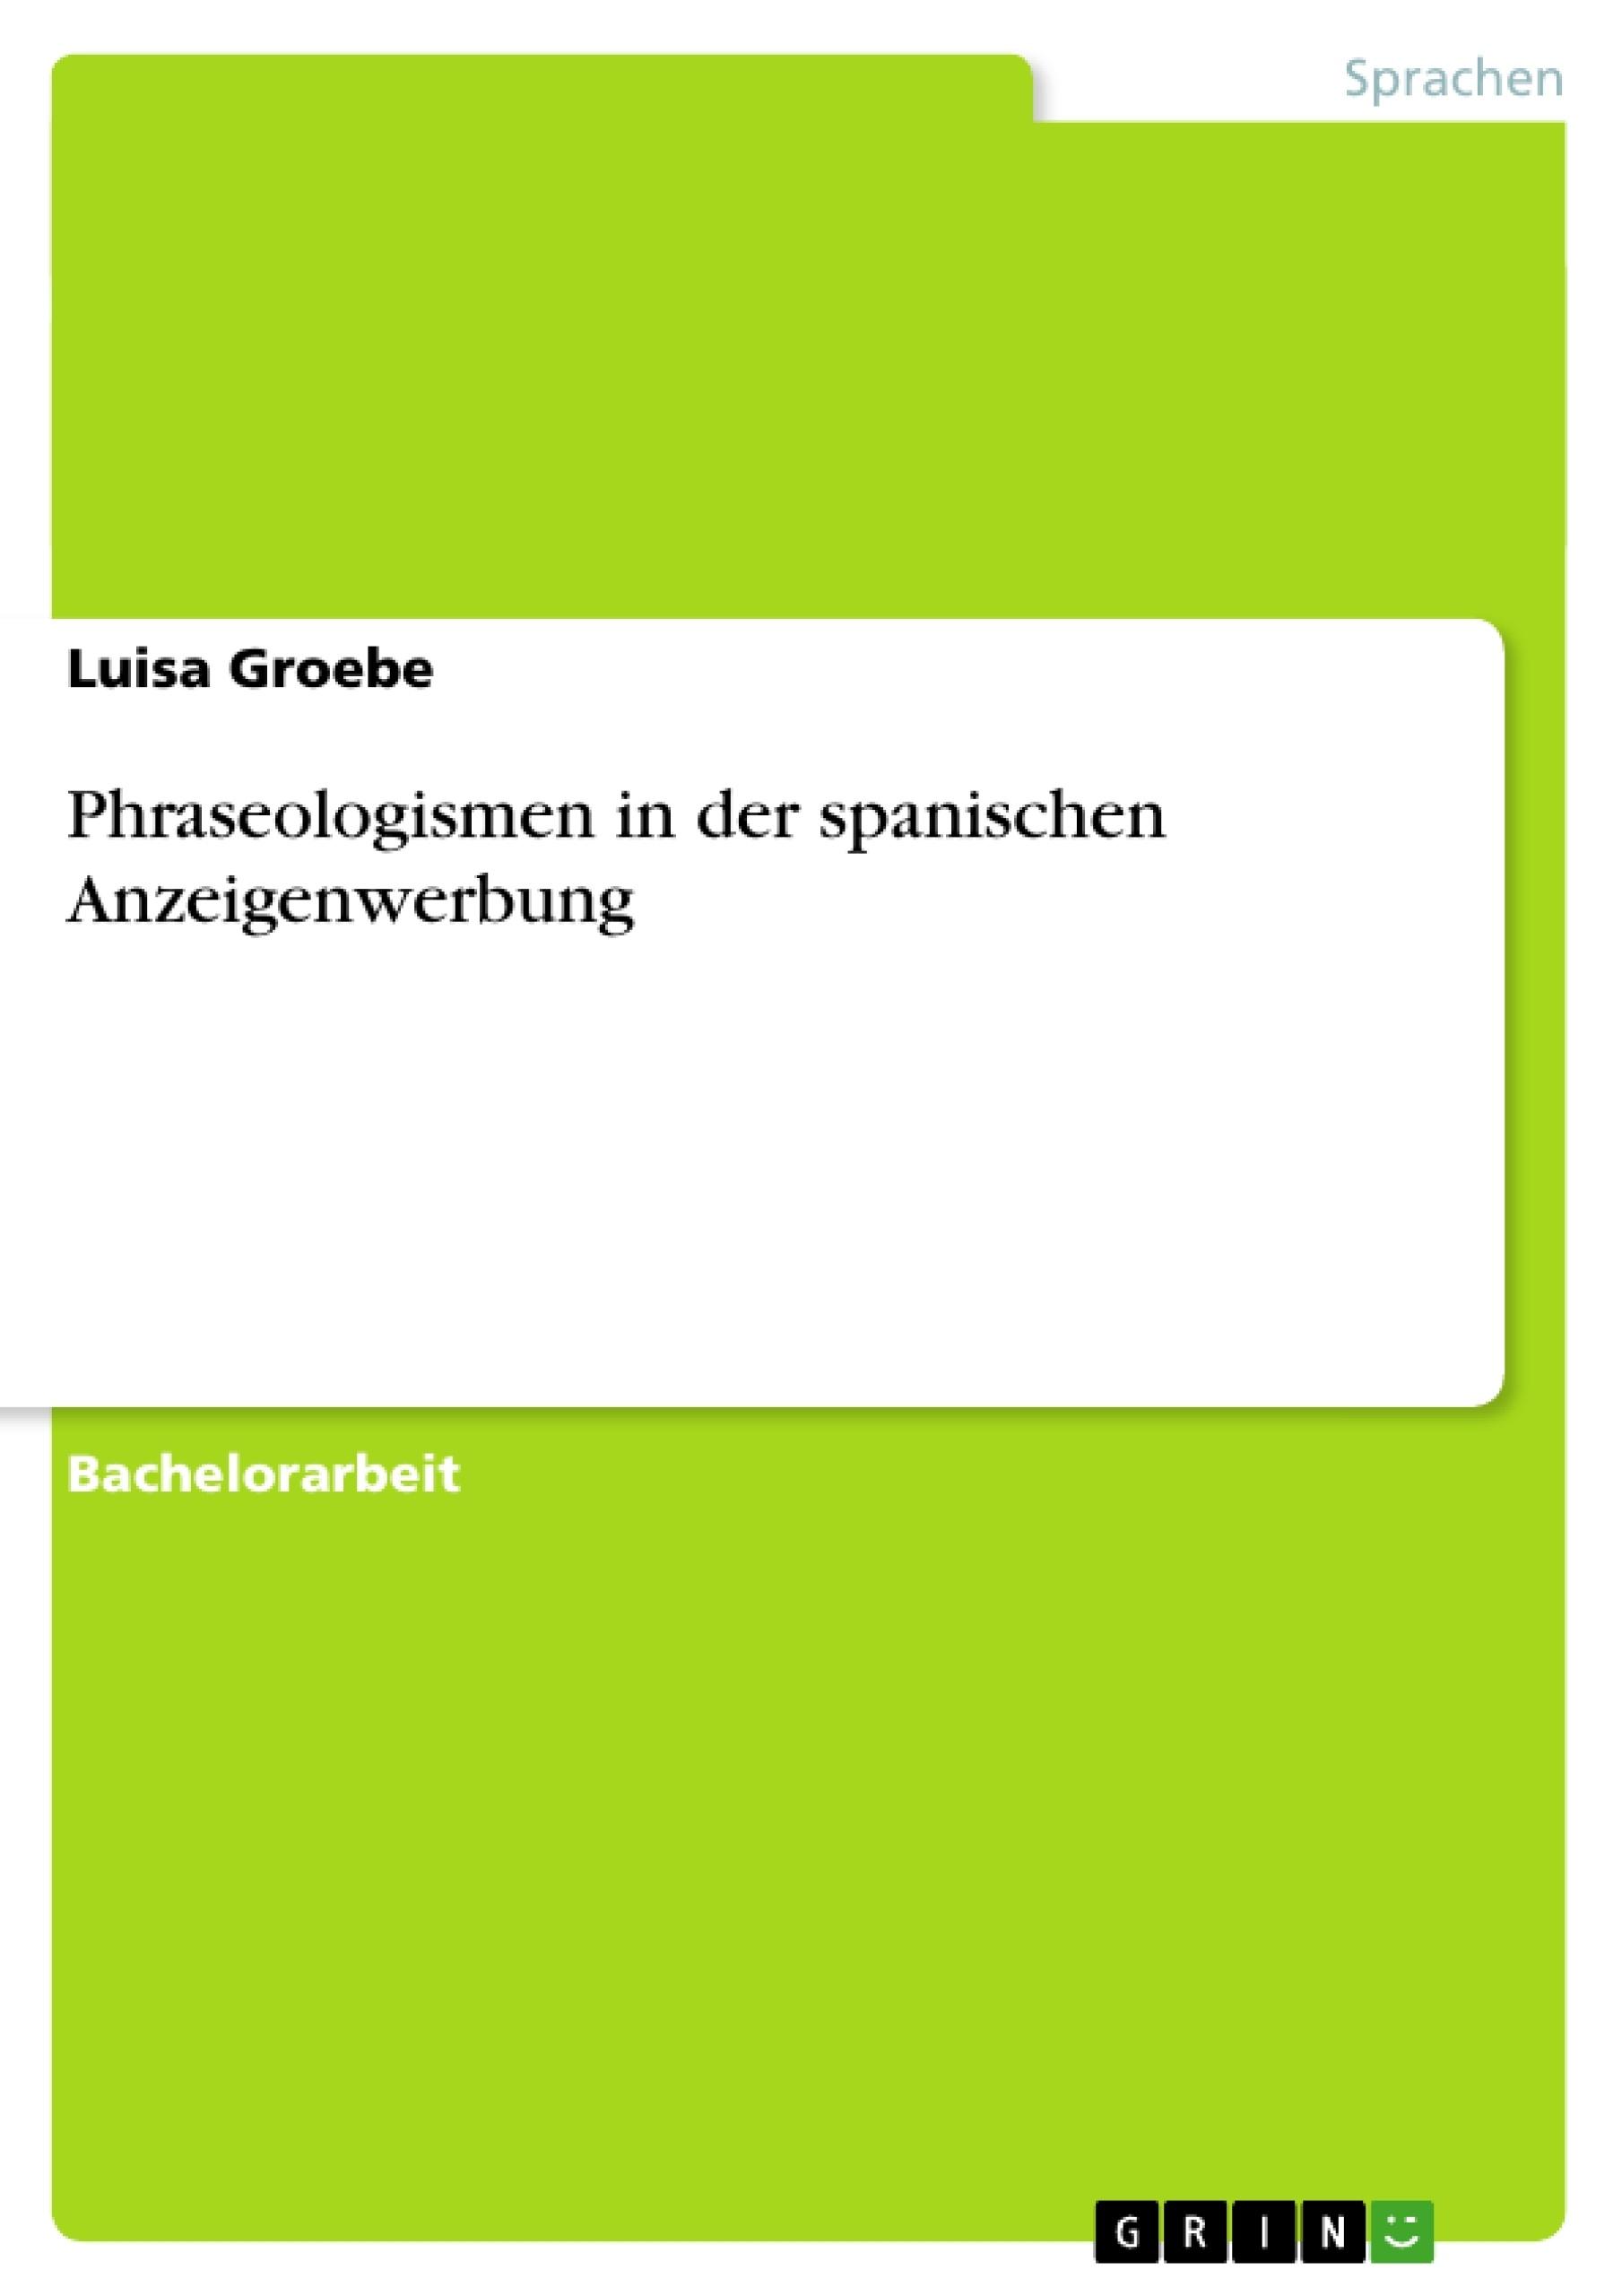 Titel: Phraseologismen in der spanischen Anzeigenwerbung